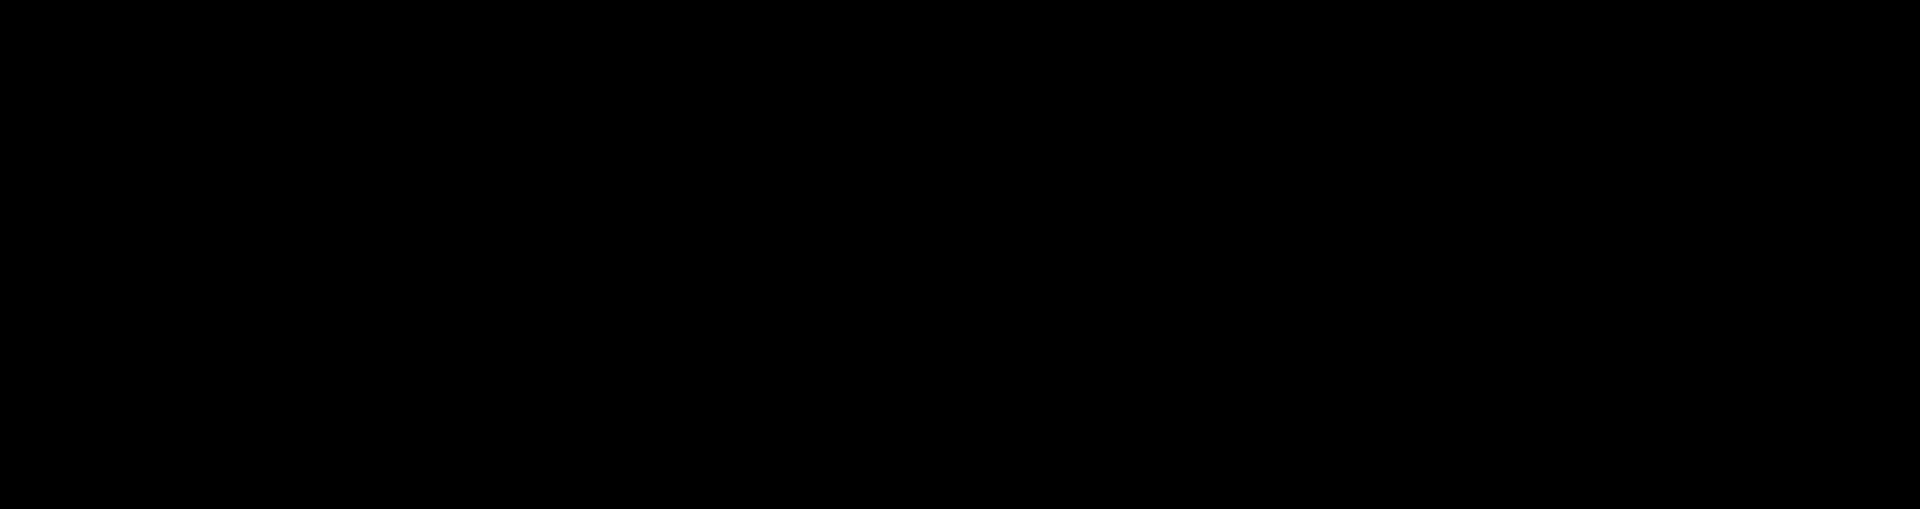 503004821-dark_logo_trans